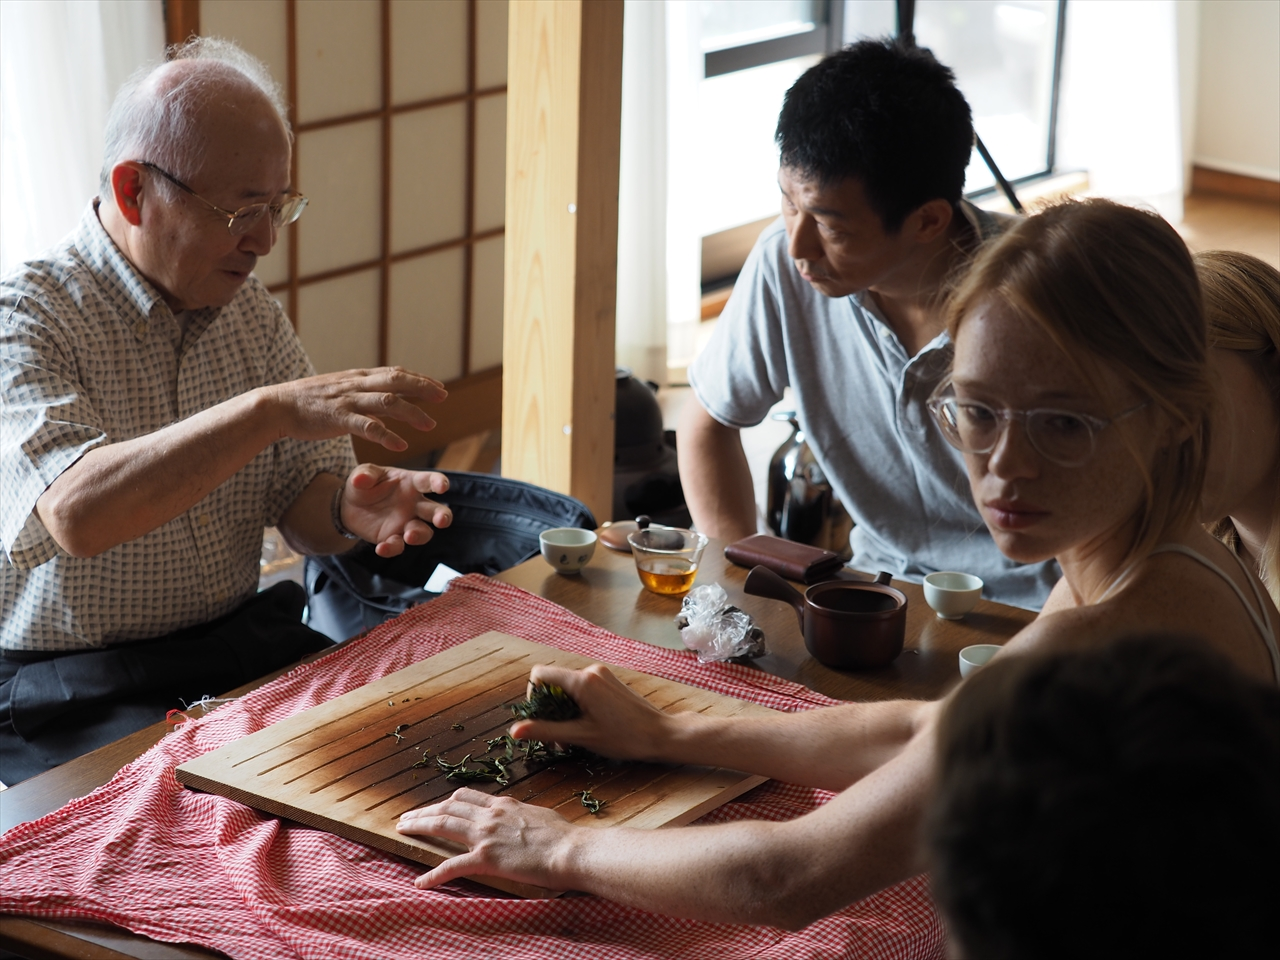 日本茶業学会 会長 農博 樹木 武田 善行 先生にお越し頂き様々な事をお教え頂きました!